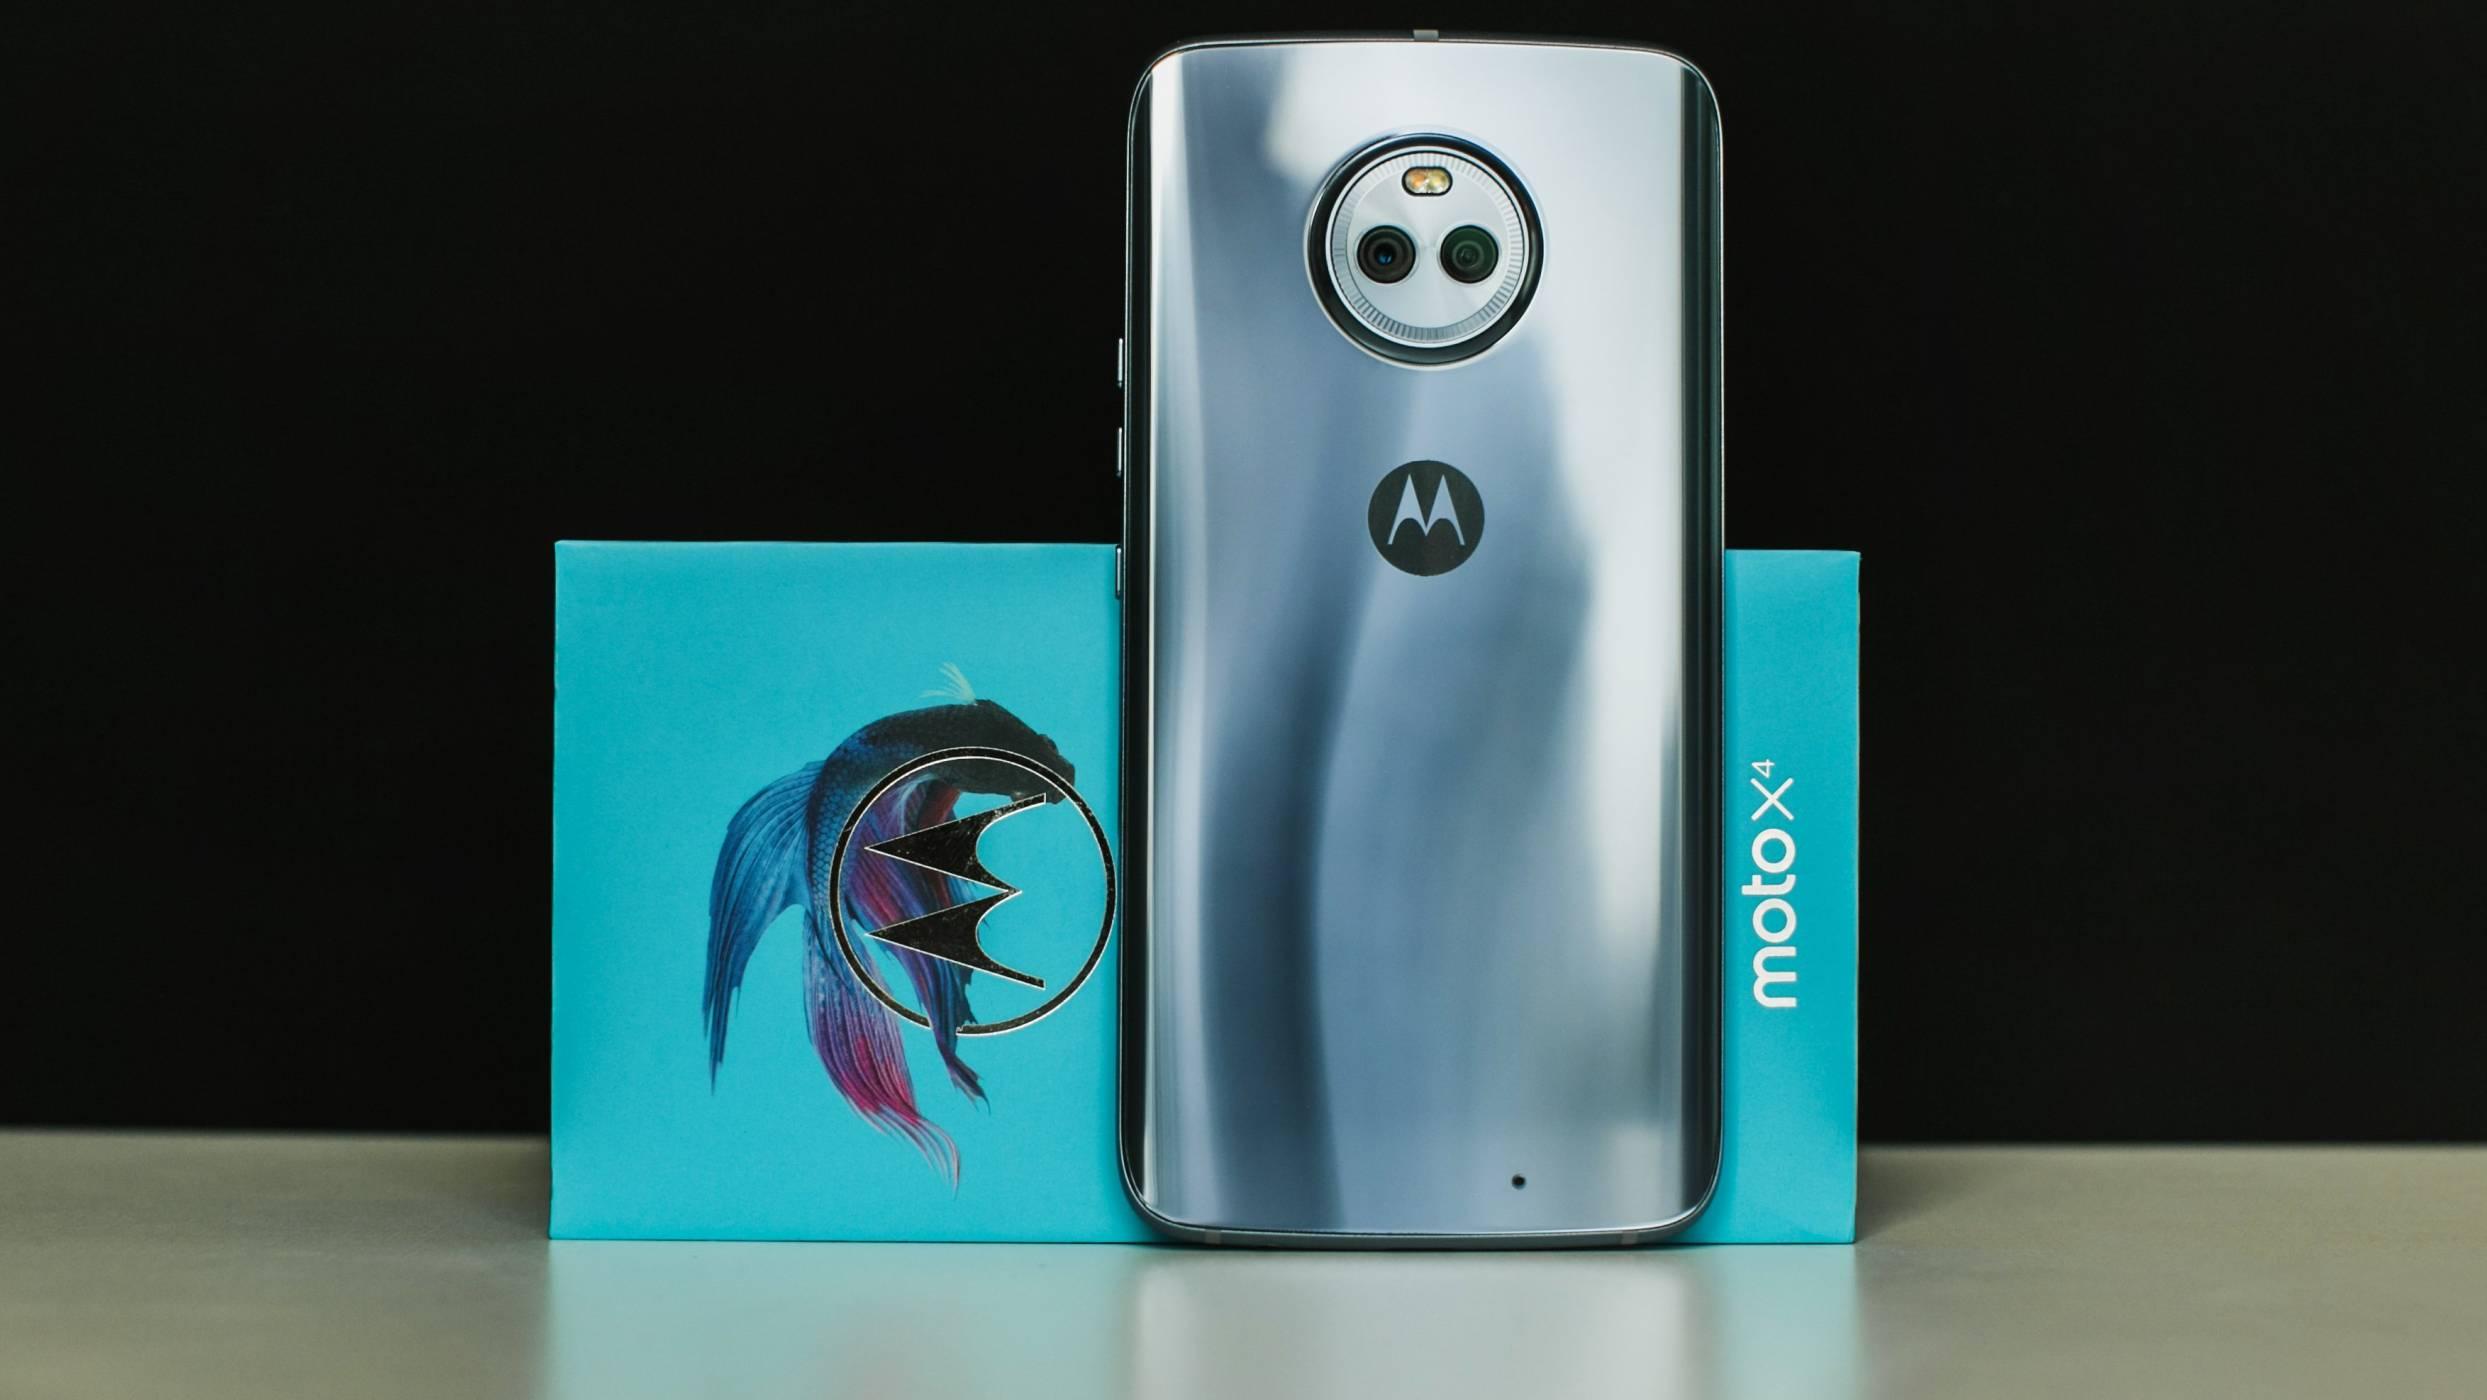 Уволненията в Motorola са преувеличени, серията Moto Z ще просъществува